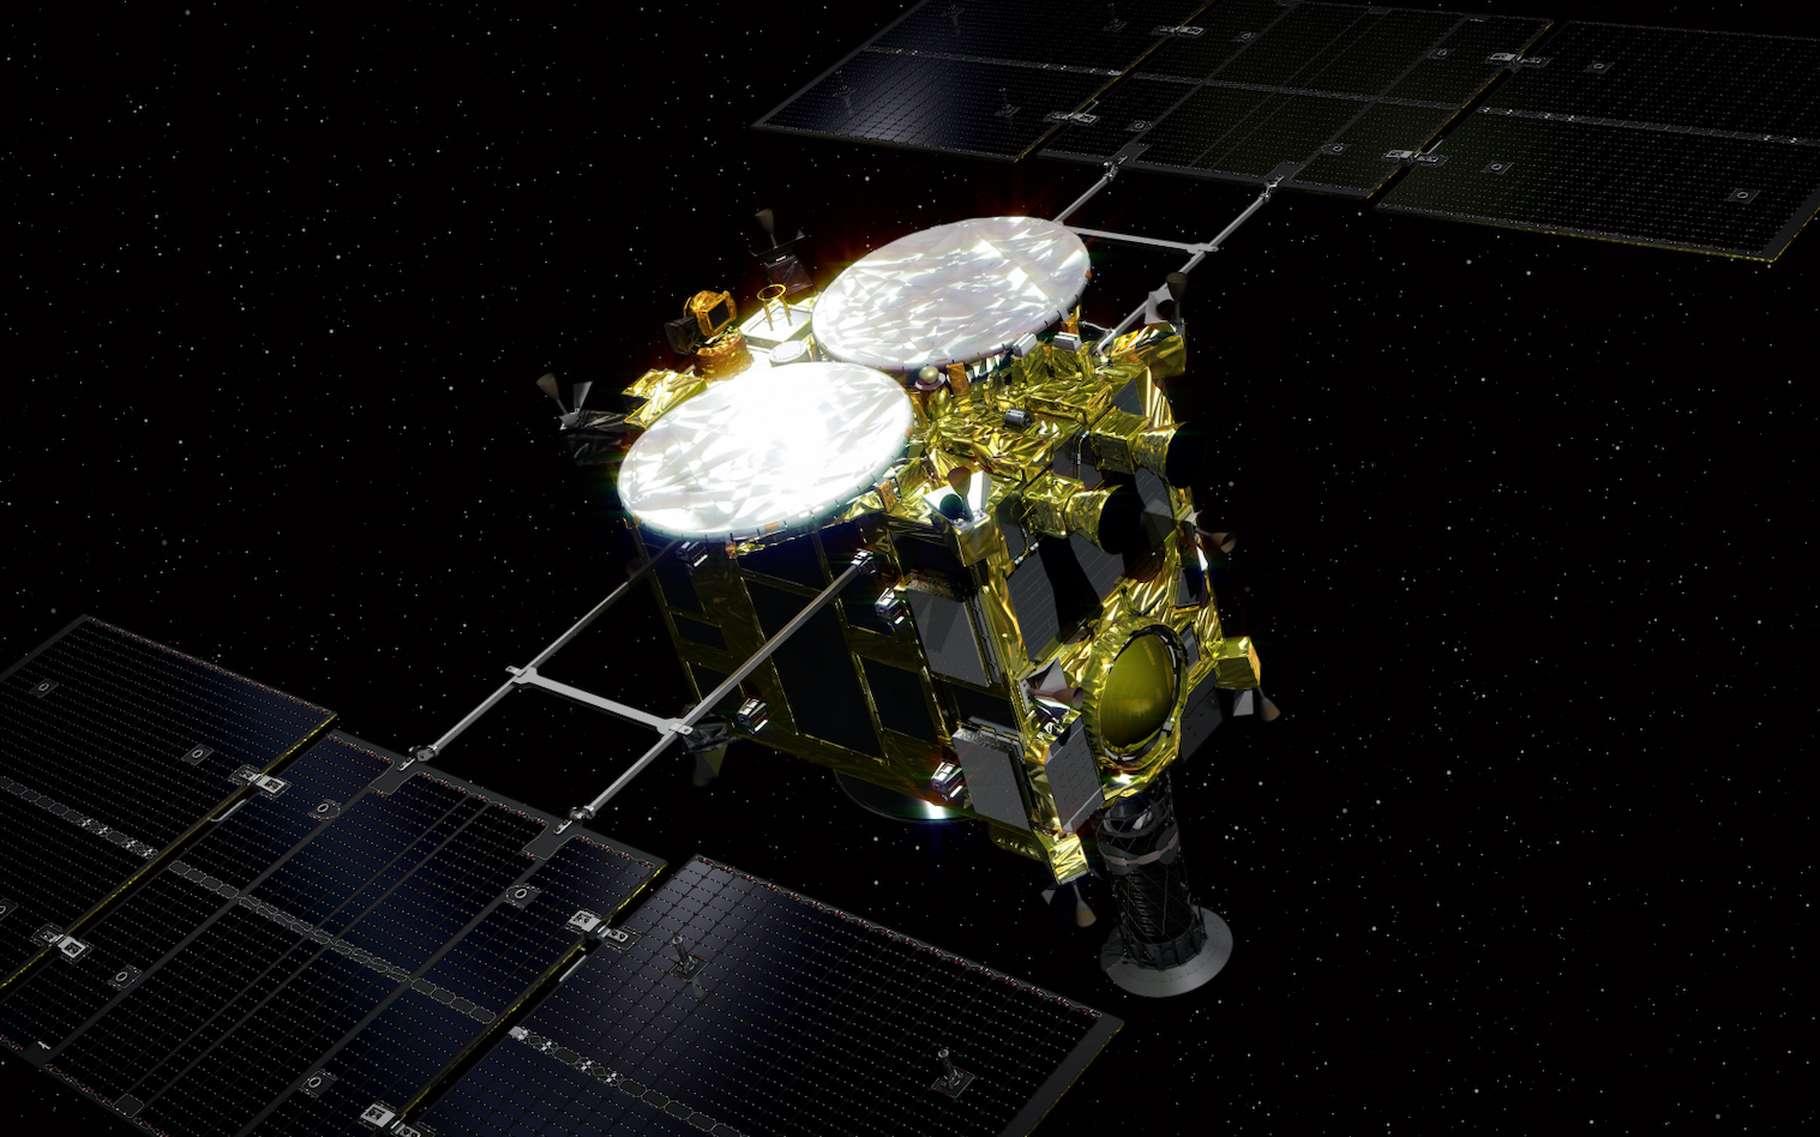 Une vue d'artiste de la sonde japonaise Hayabusa 2 partie explorer l'astéroïde Ryugu. © Go Miyazaki, Wikipedia, CC by SA 4.0